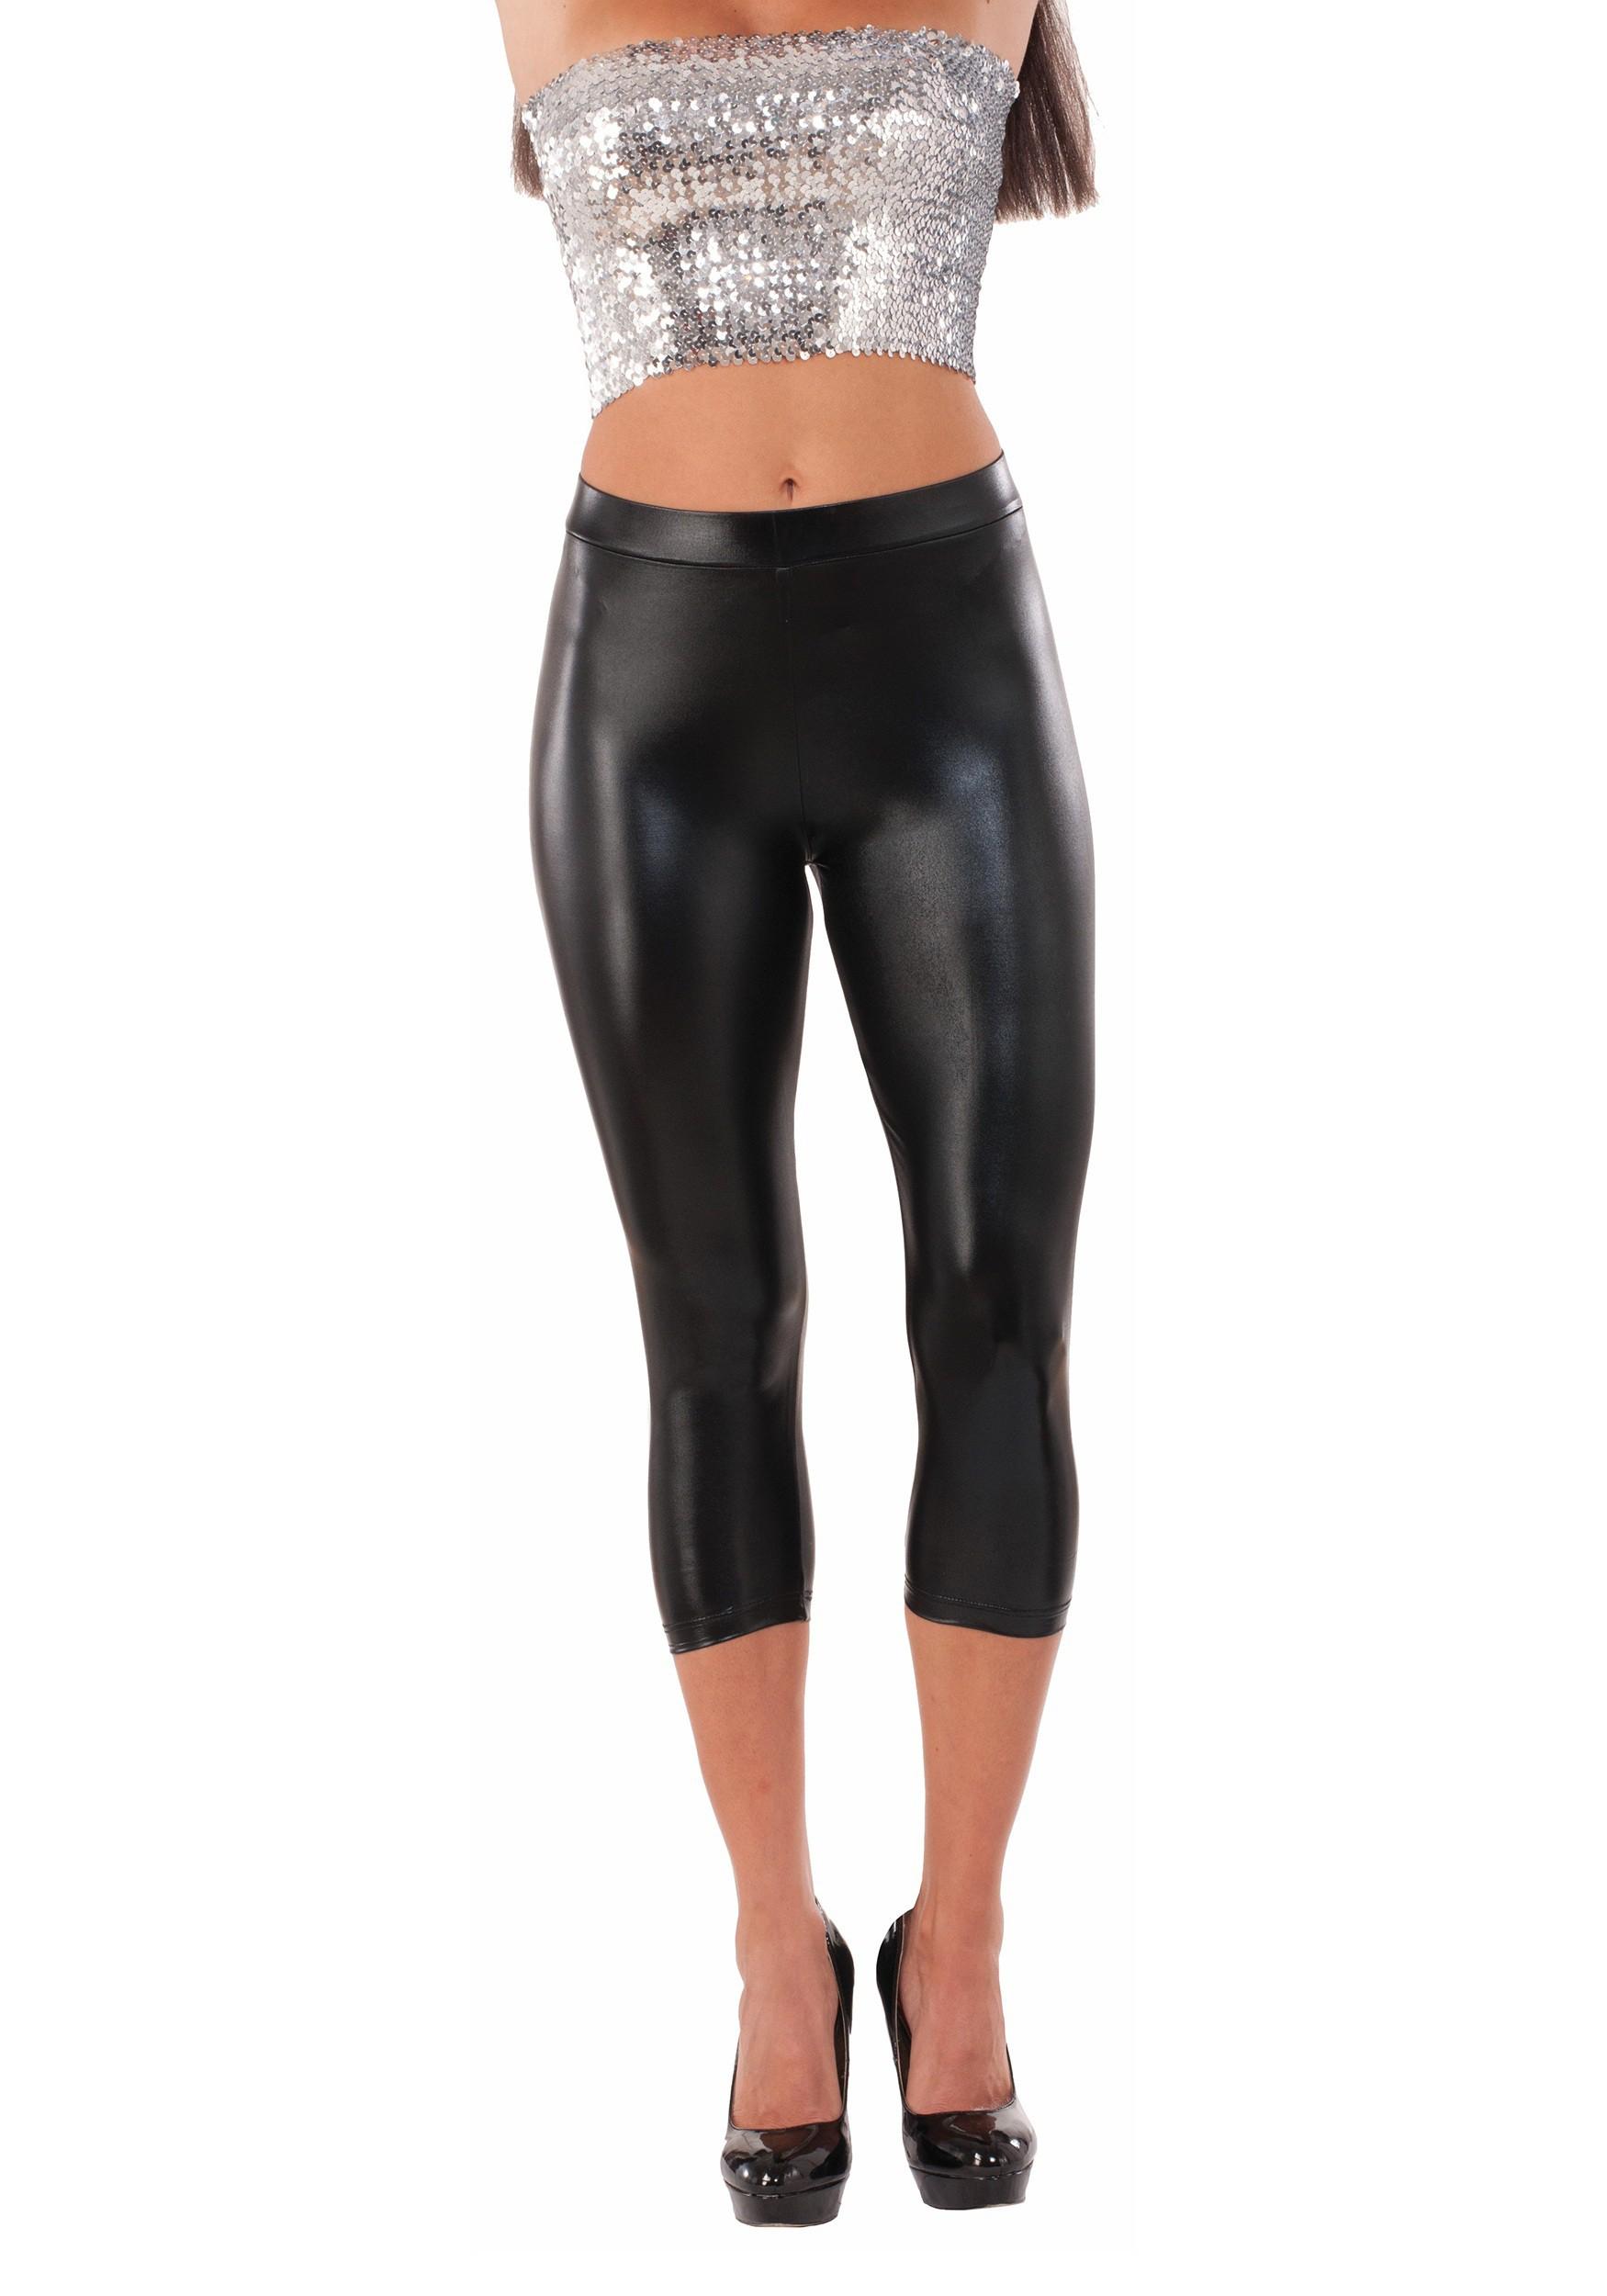 034945315d831 womens-black-metallic-sheen-leggings.jpg